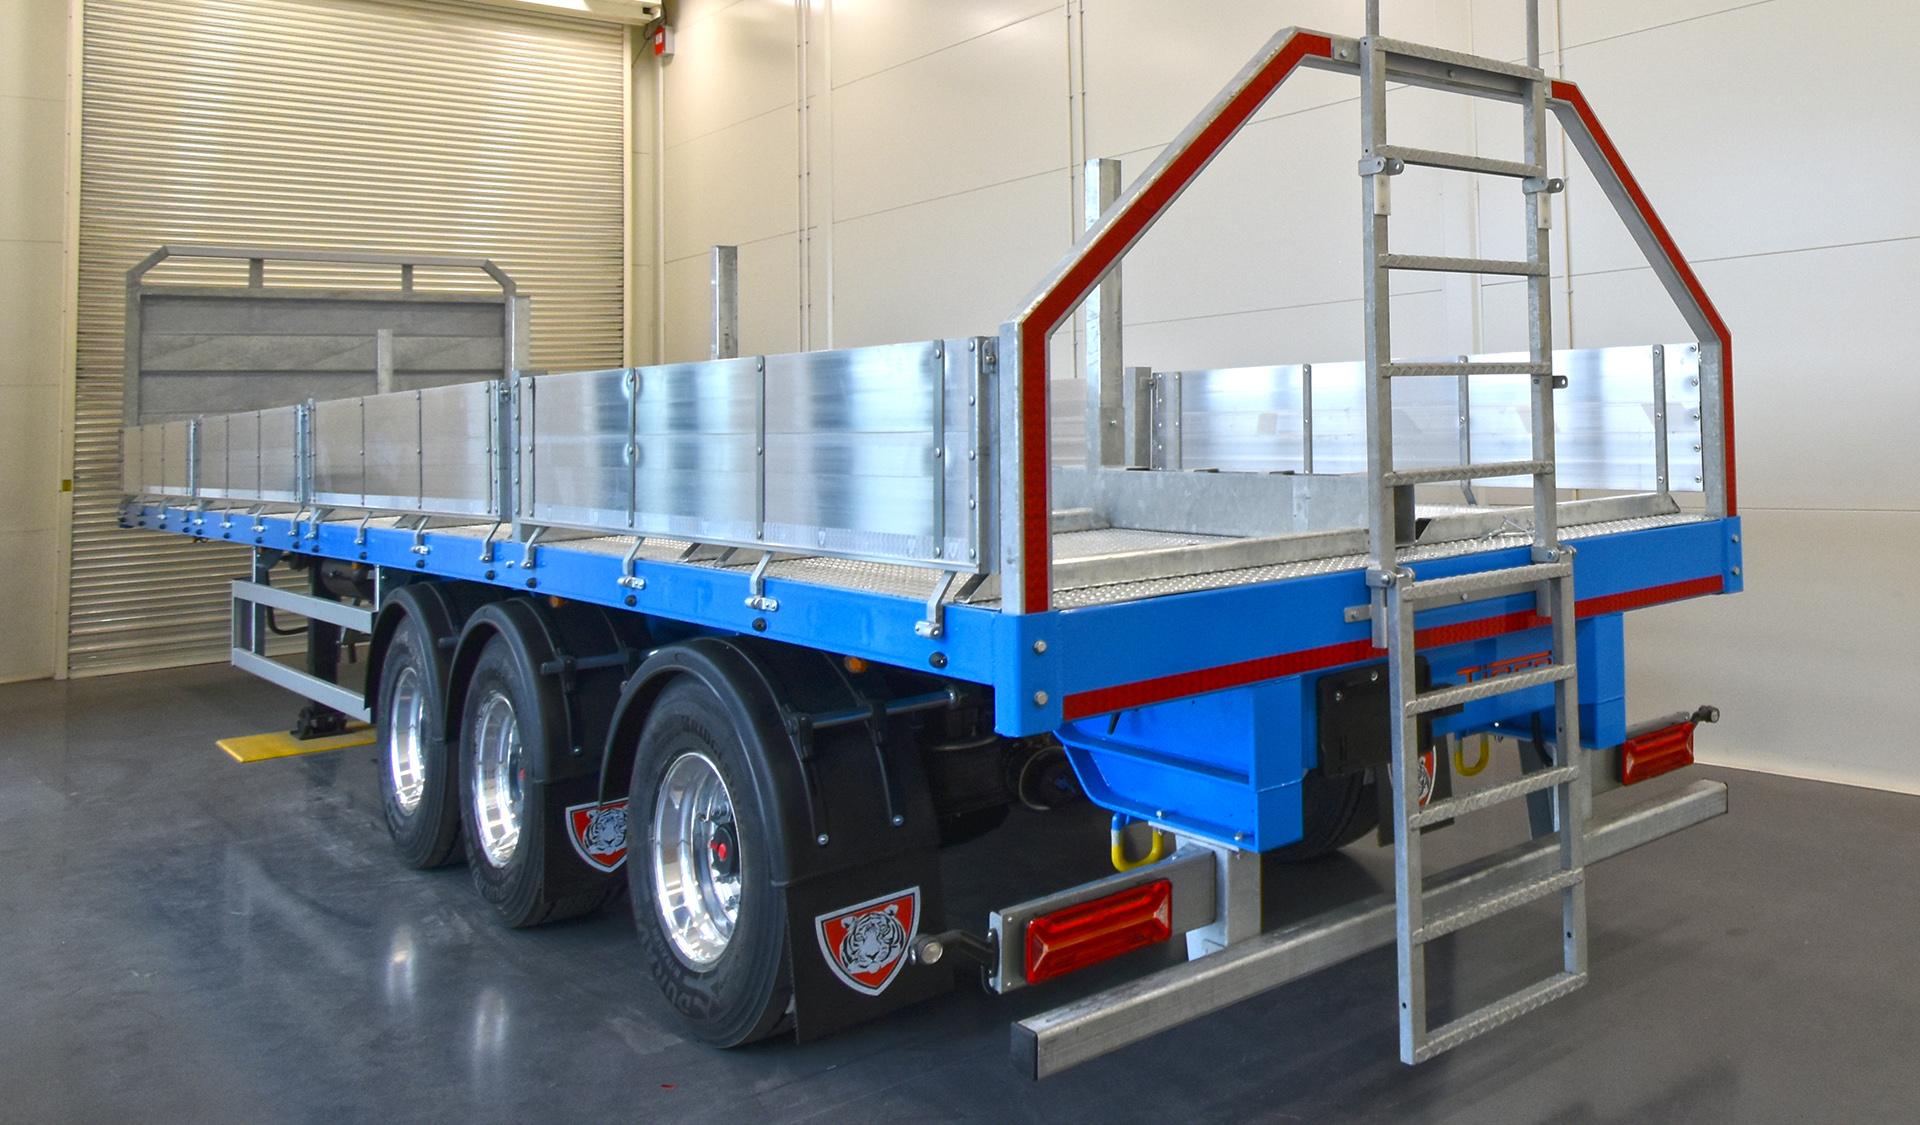 Case study Migdale Transport Tiger showroom live fish tank carrier dropside flatbed truck